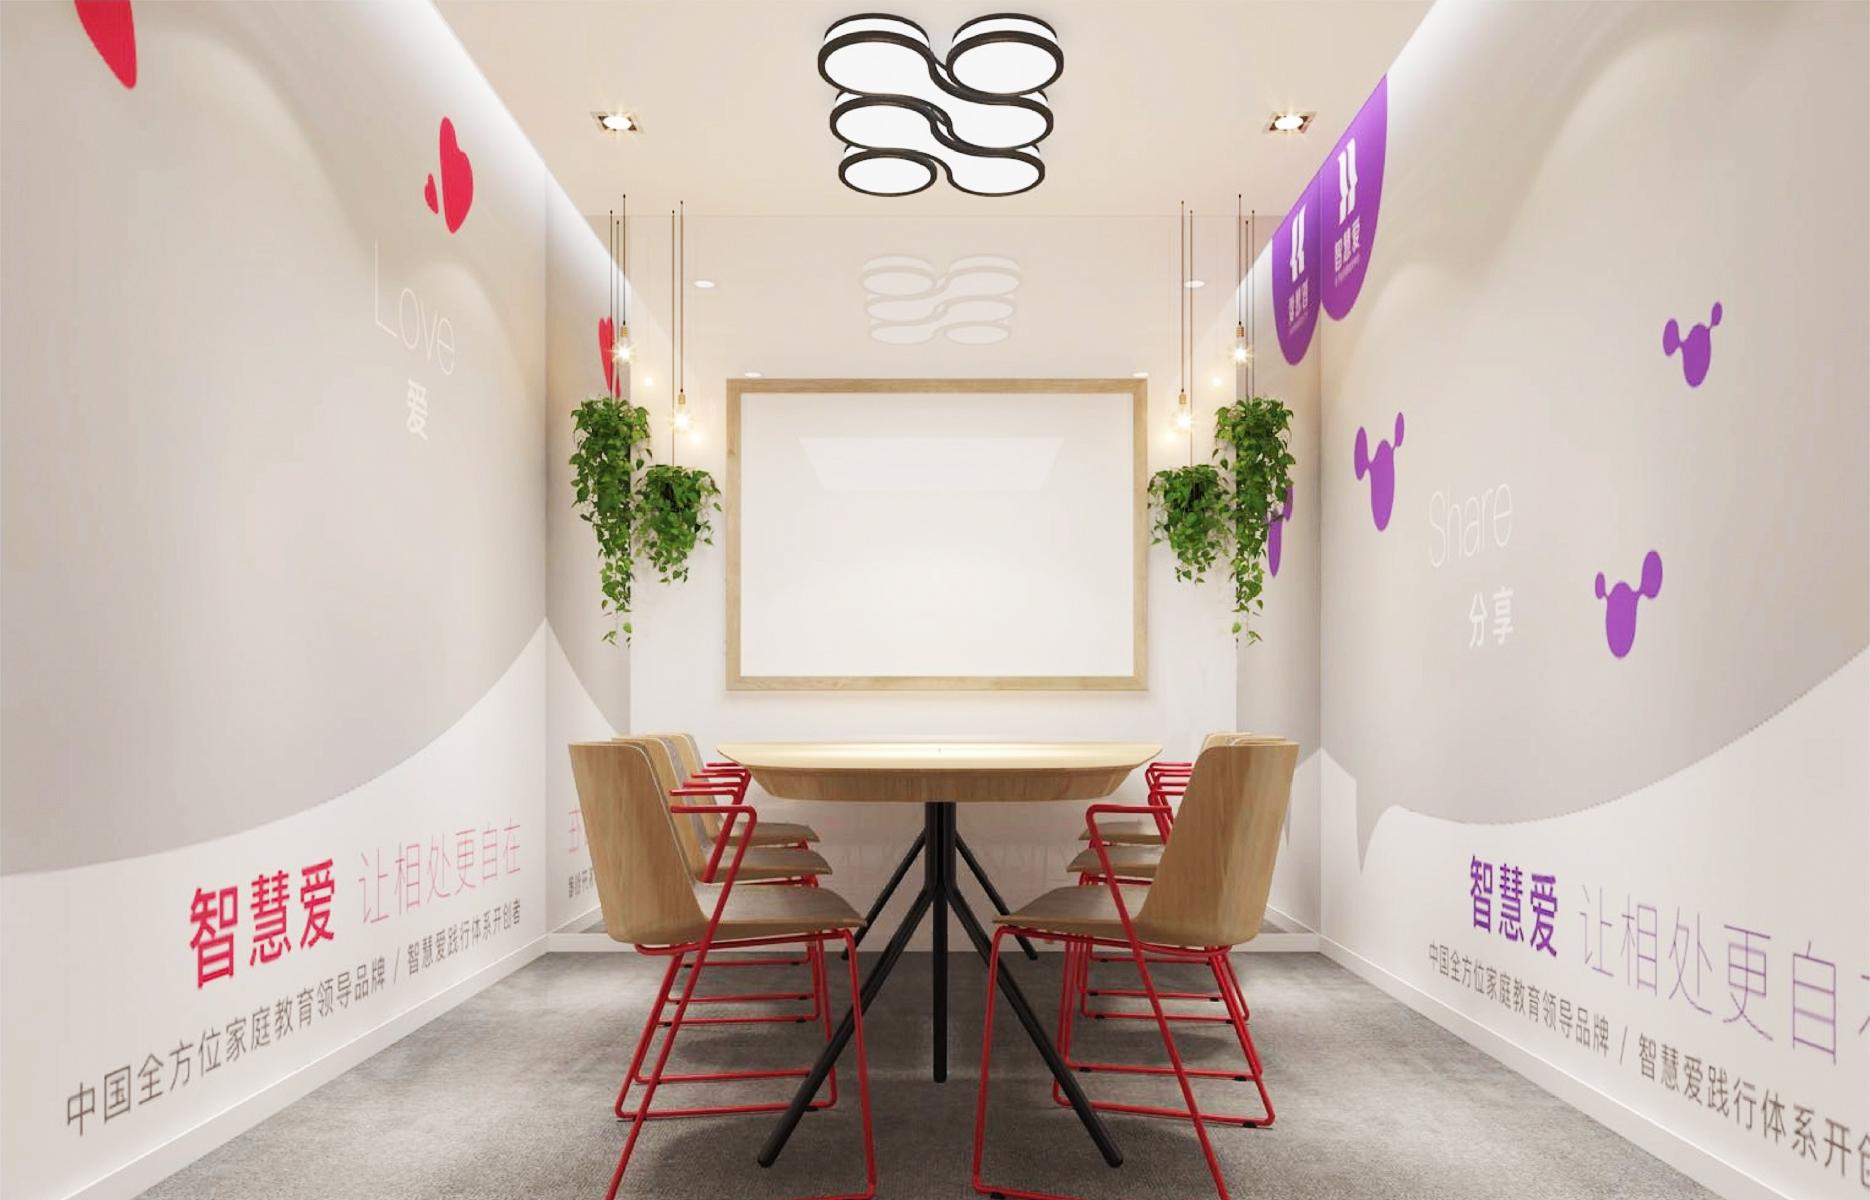 智慧爱全方位家庭成长中心品牌全案升级:空间效果展示